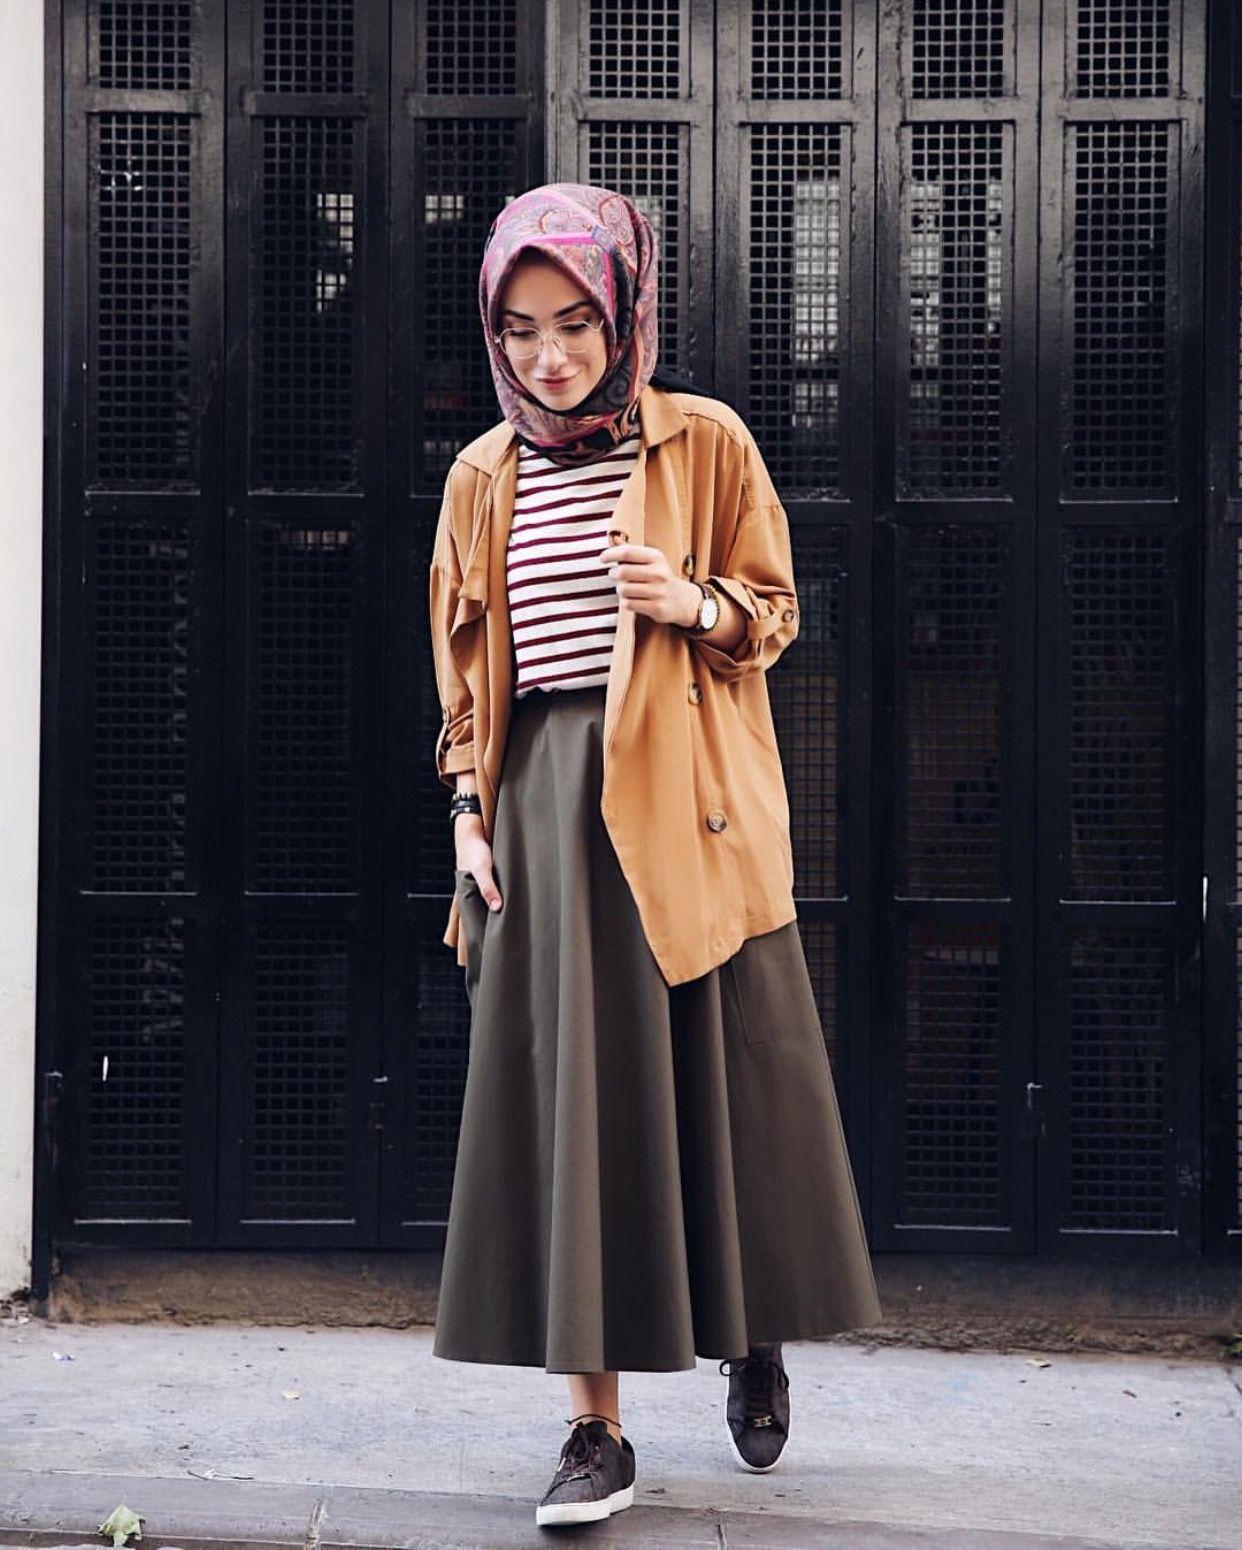 بالصور موضة صيف 2019 للمحجبات , كوليكشن رائع لجميع ملابس المحجبات على الموضه 775 2